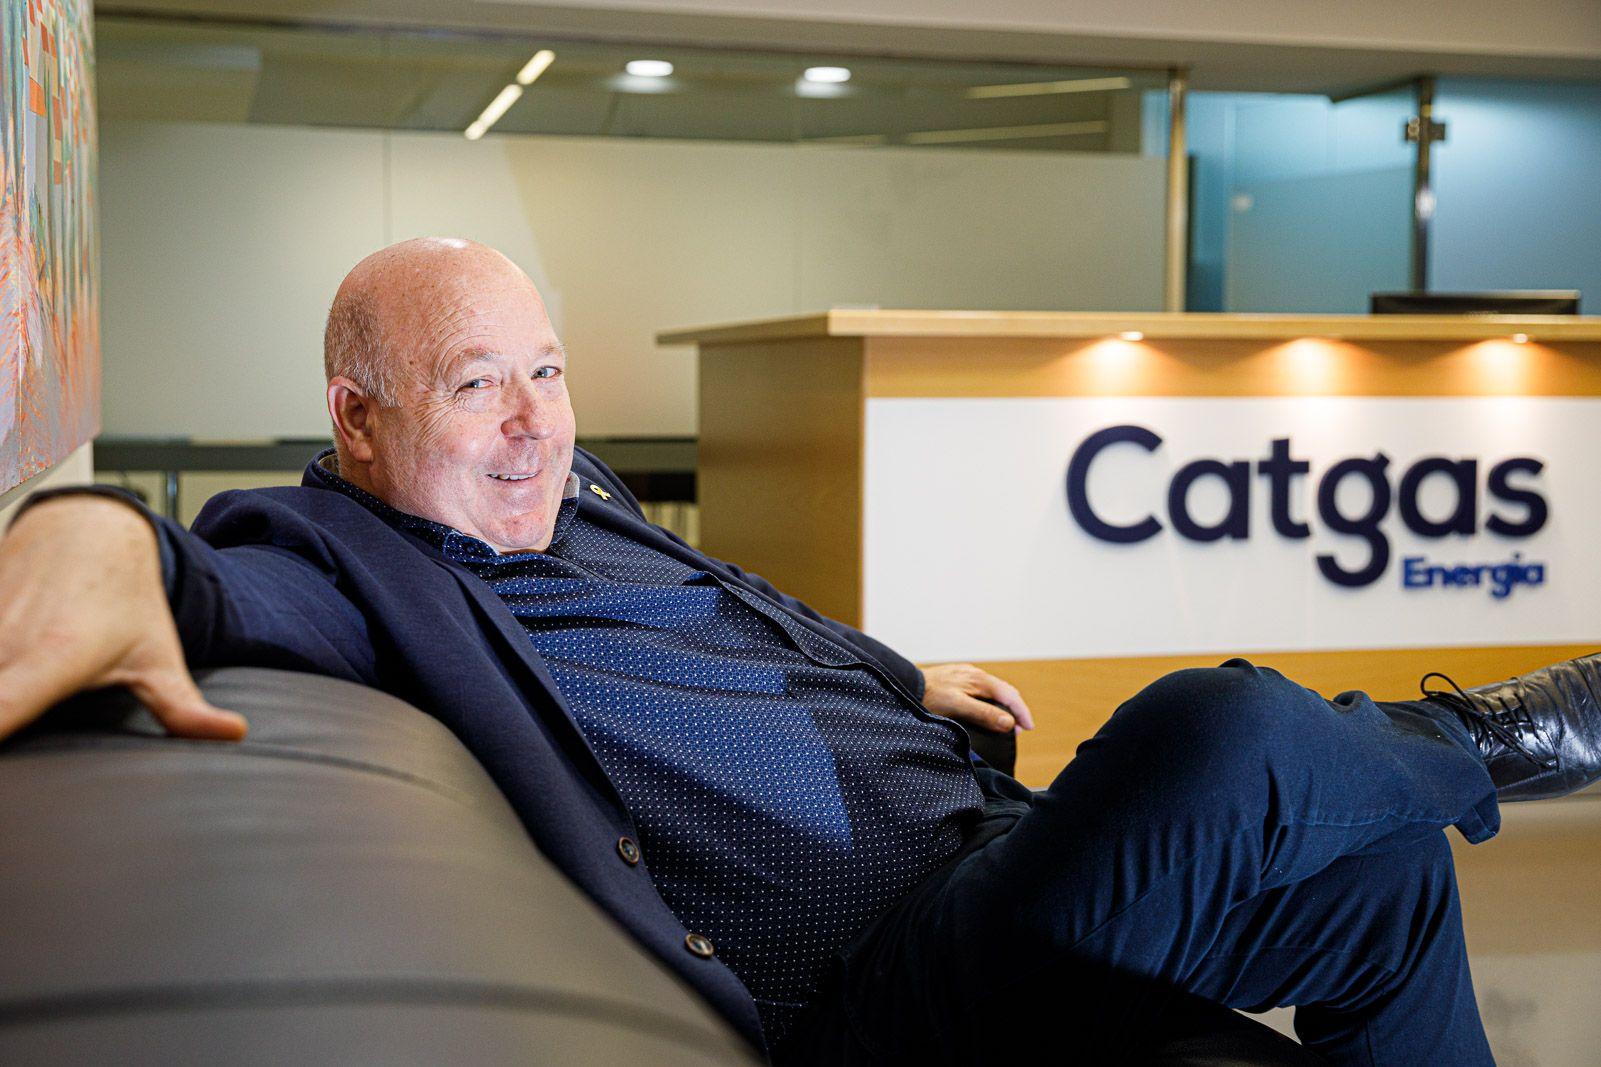 Pere Gran, director gerent de la companyia energètica Catgas JORDI BORRÀS